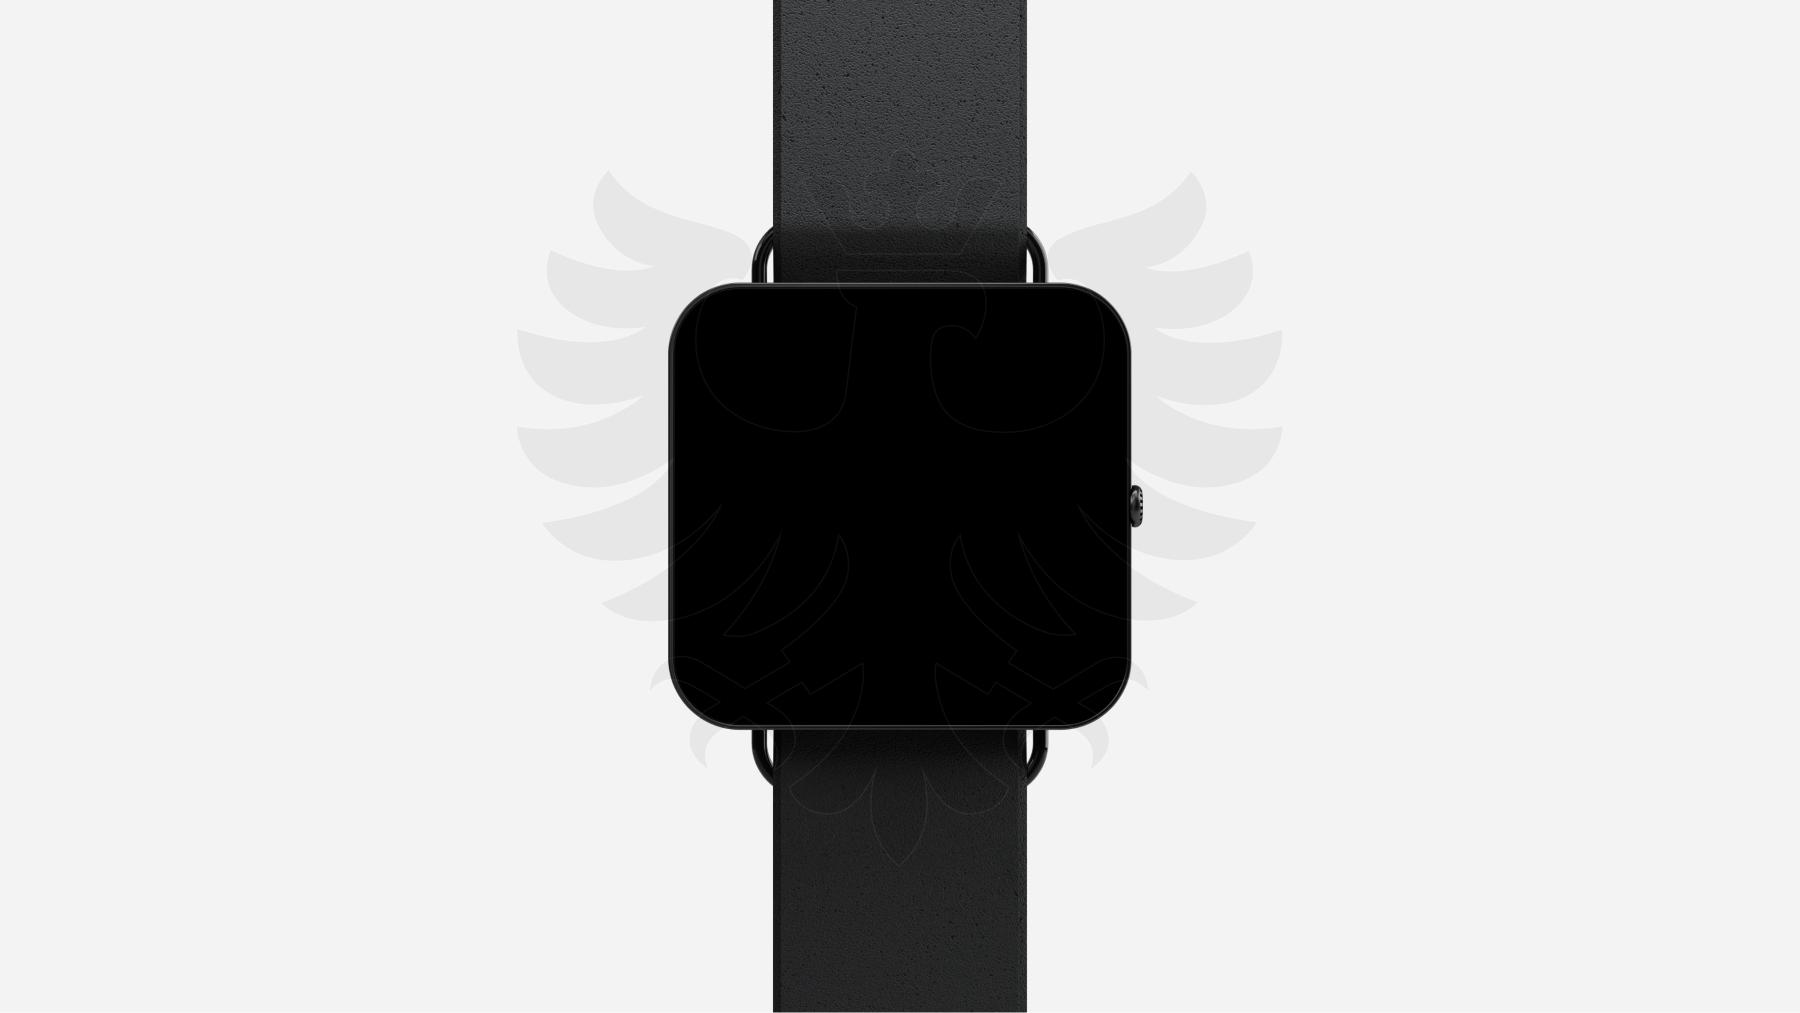 Essential-watch-03-Supply-White